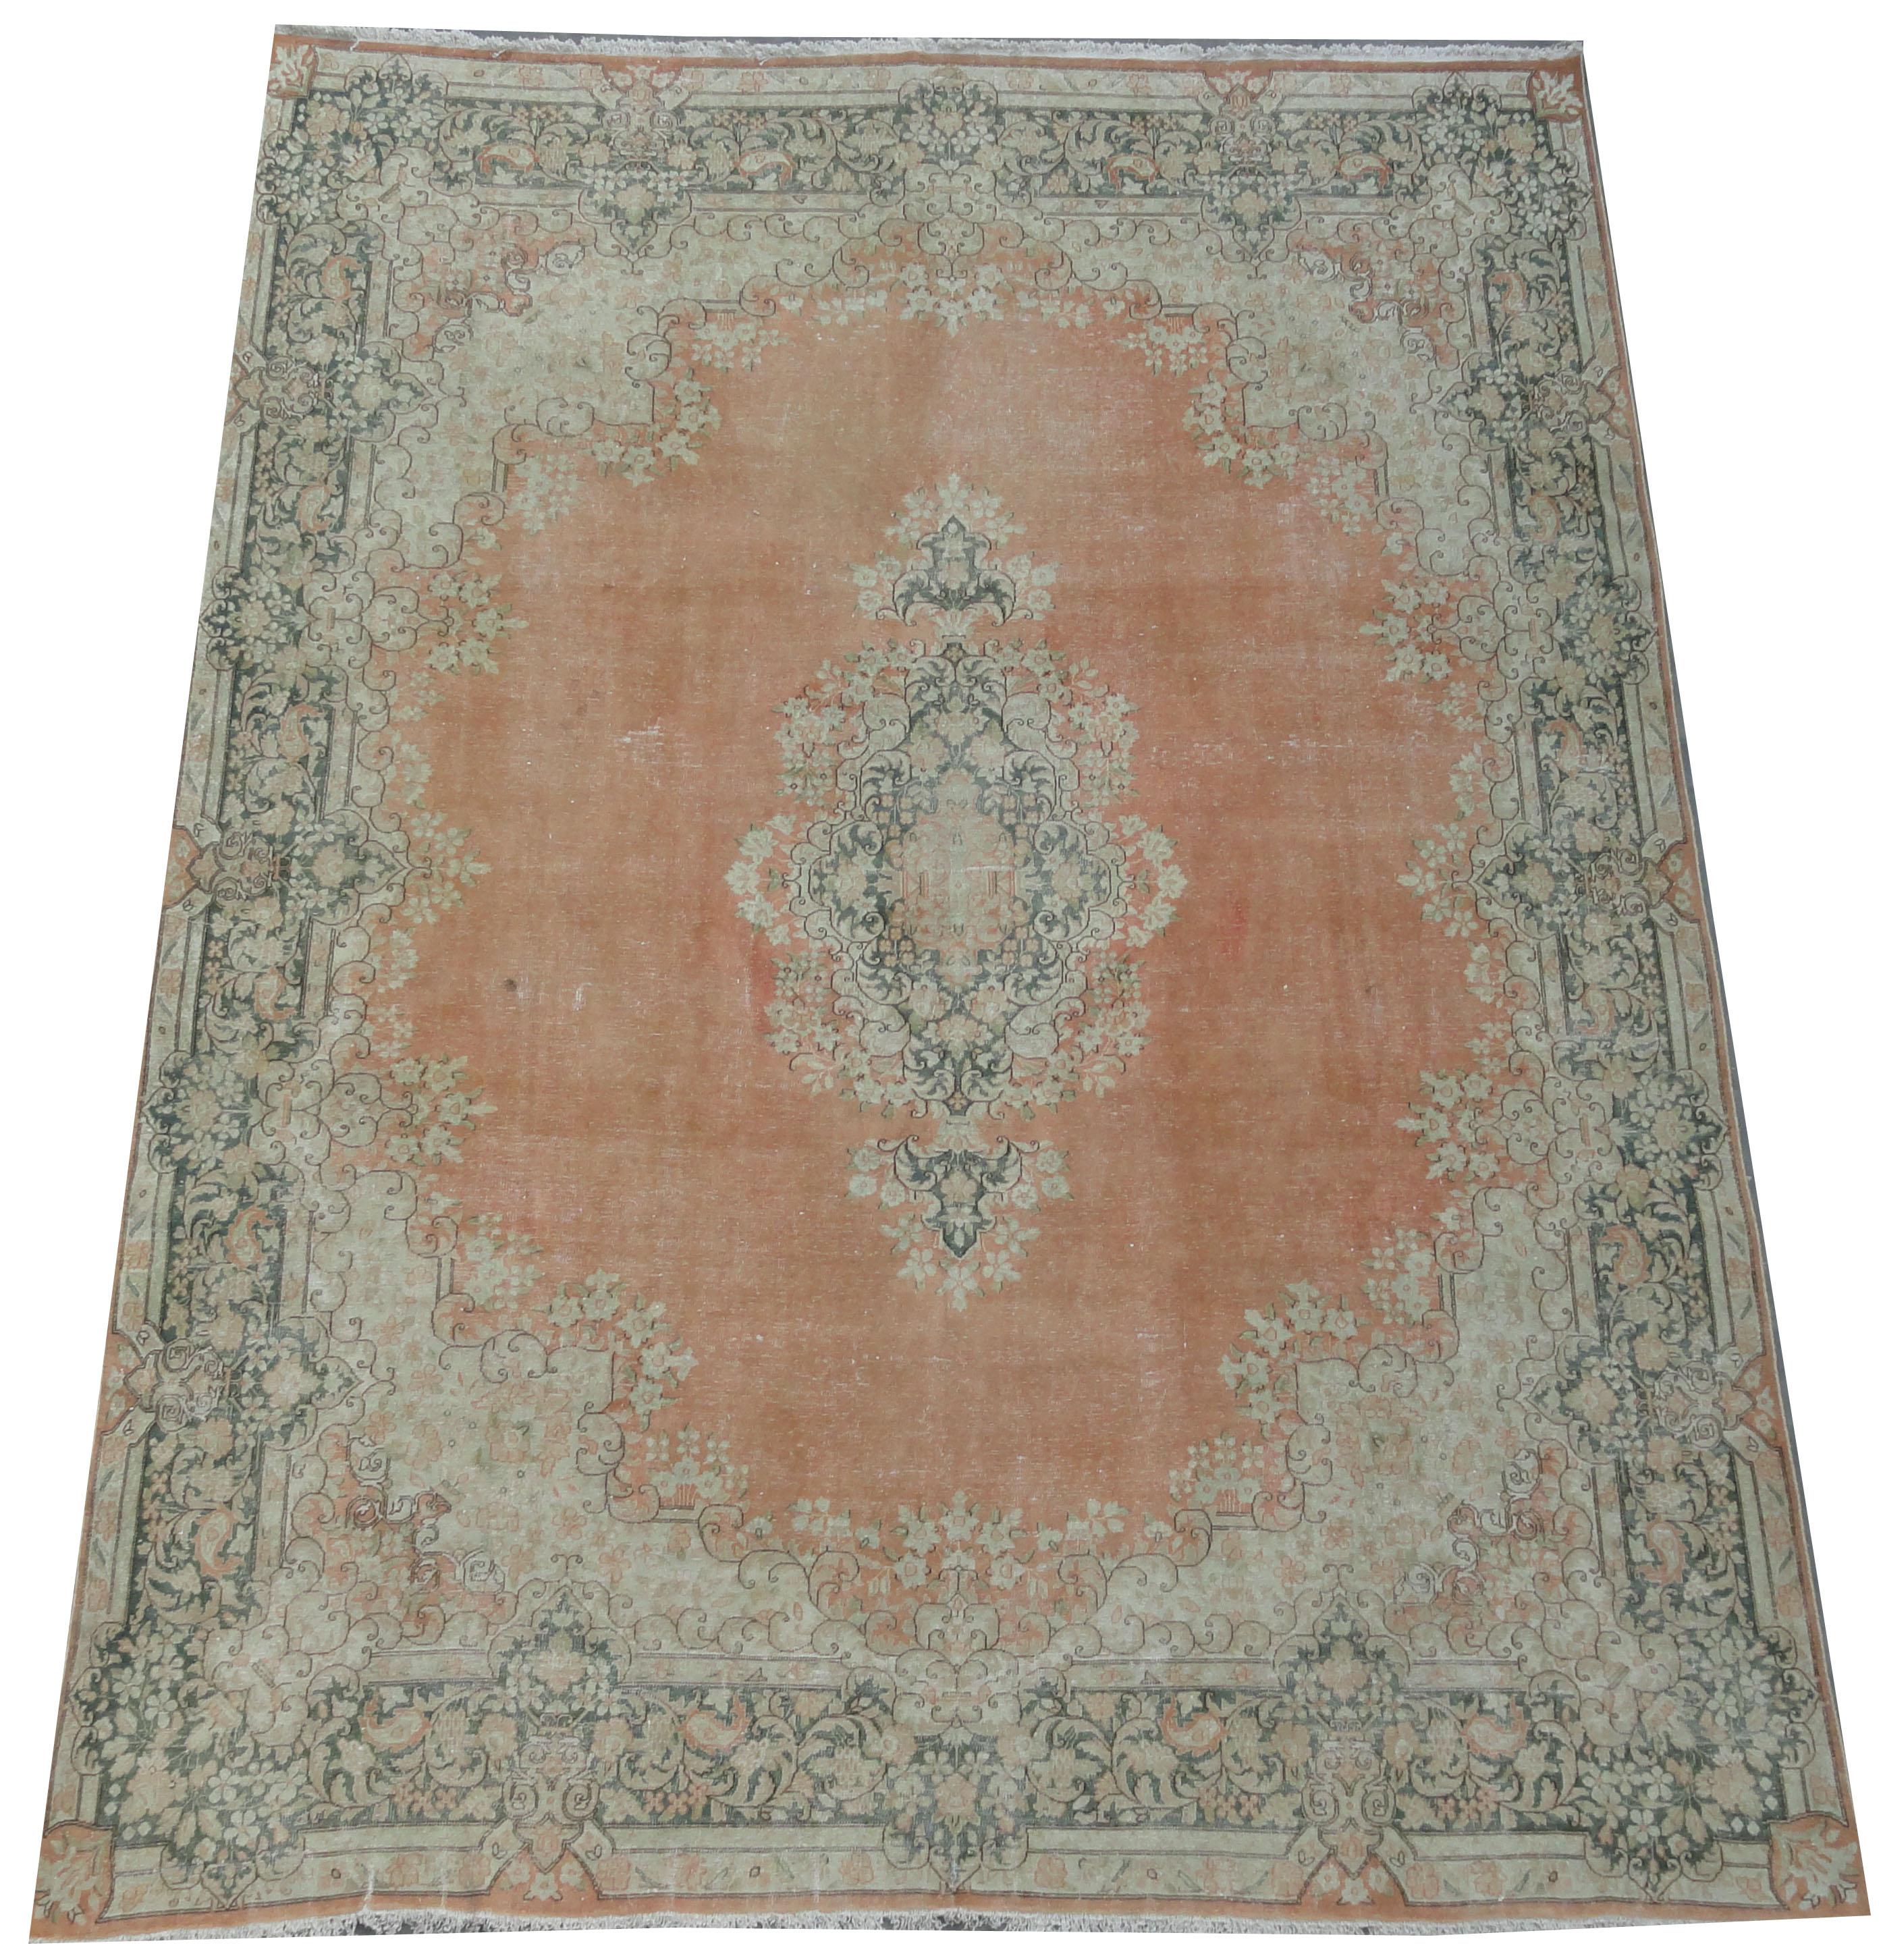 Recoloured klassiek vloerkleed nr 2242 (401cm x 294cm) tapijt wat een nieuwe hippe trendy kleur heeft gekregen.